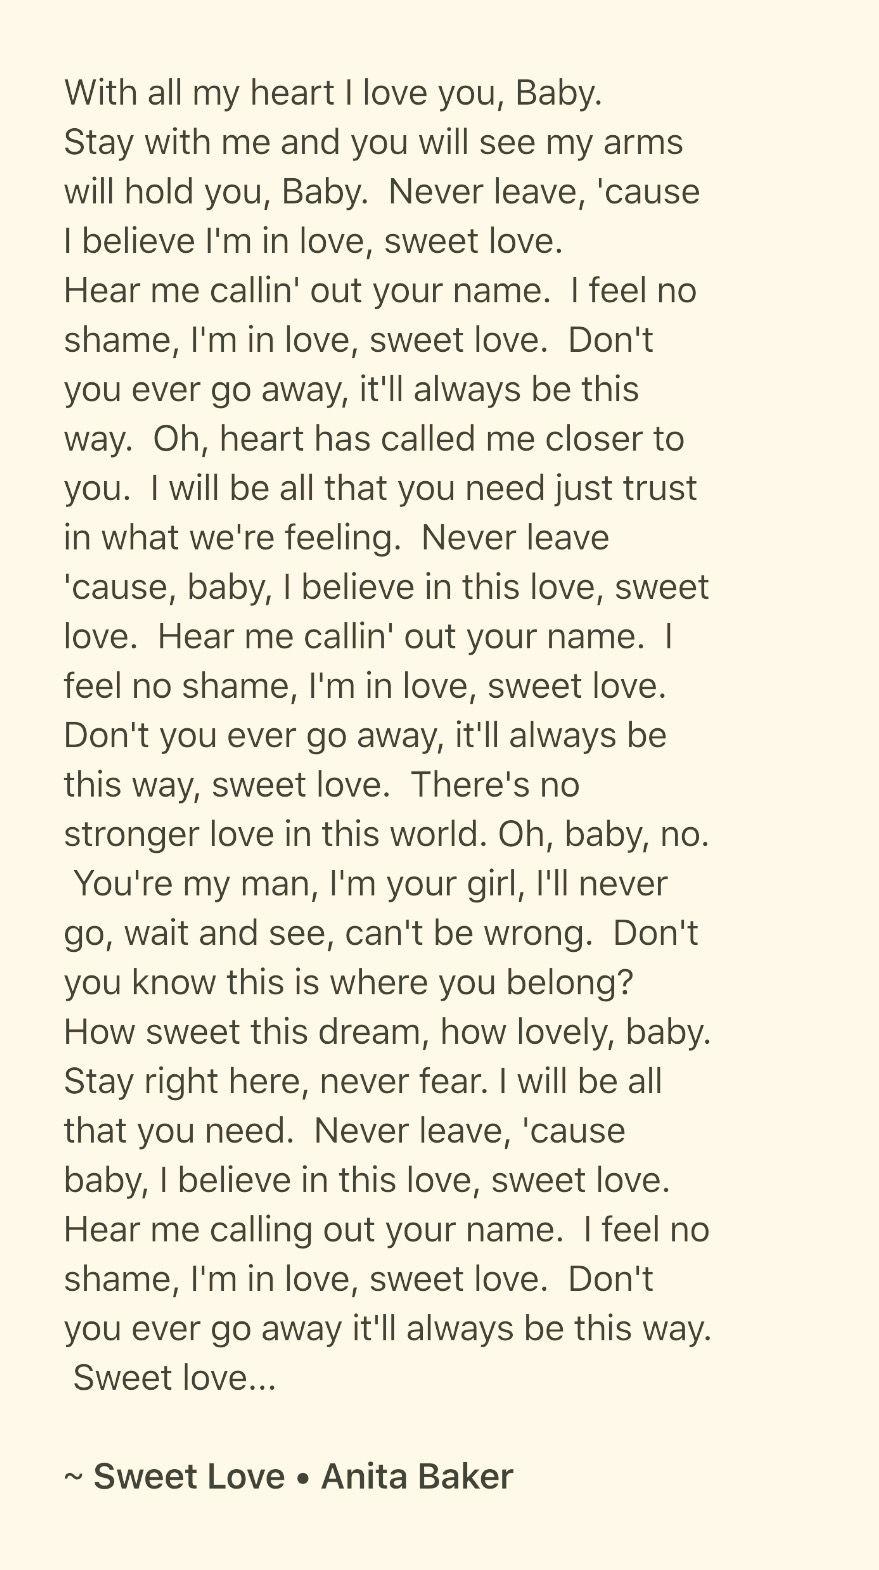 Sweet Love Anita Baker Meaningful Lyrics Love Is Sweet Soul